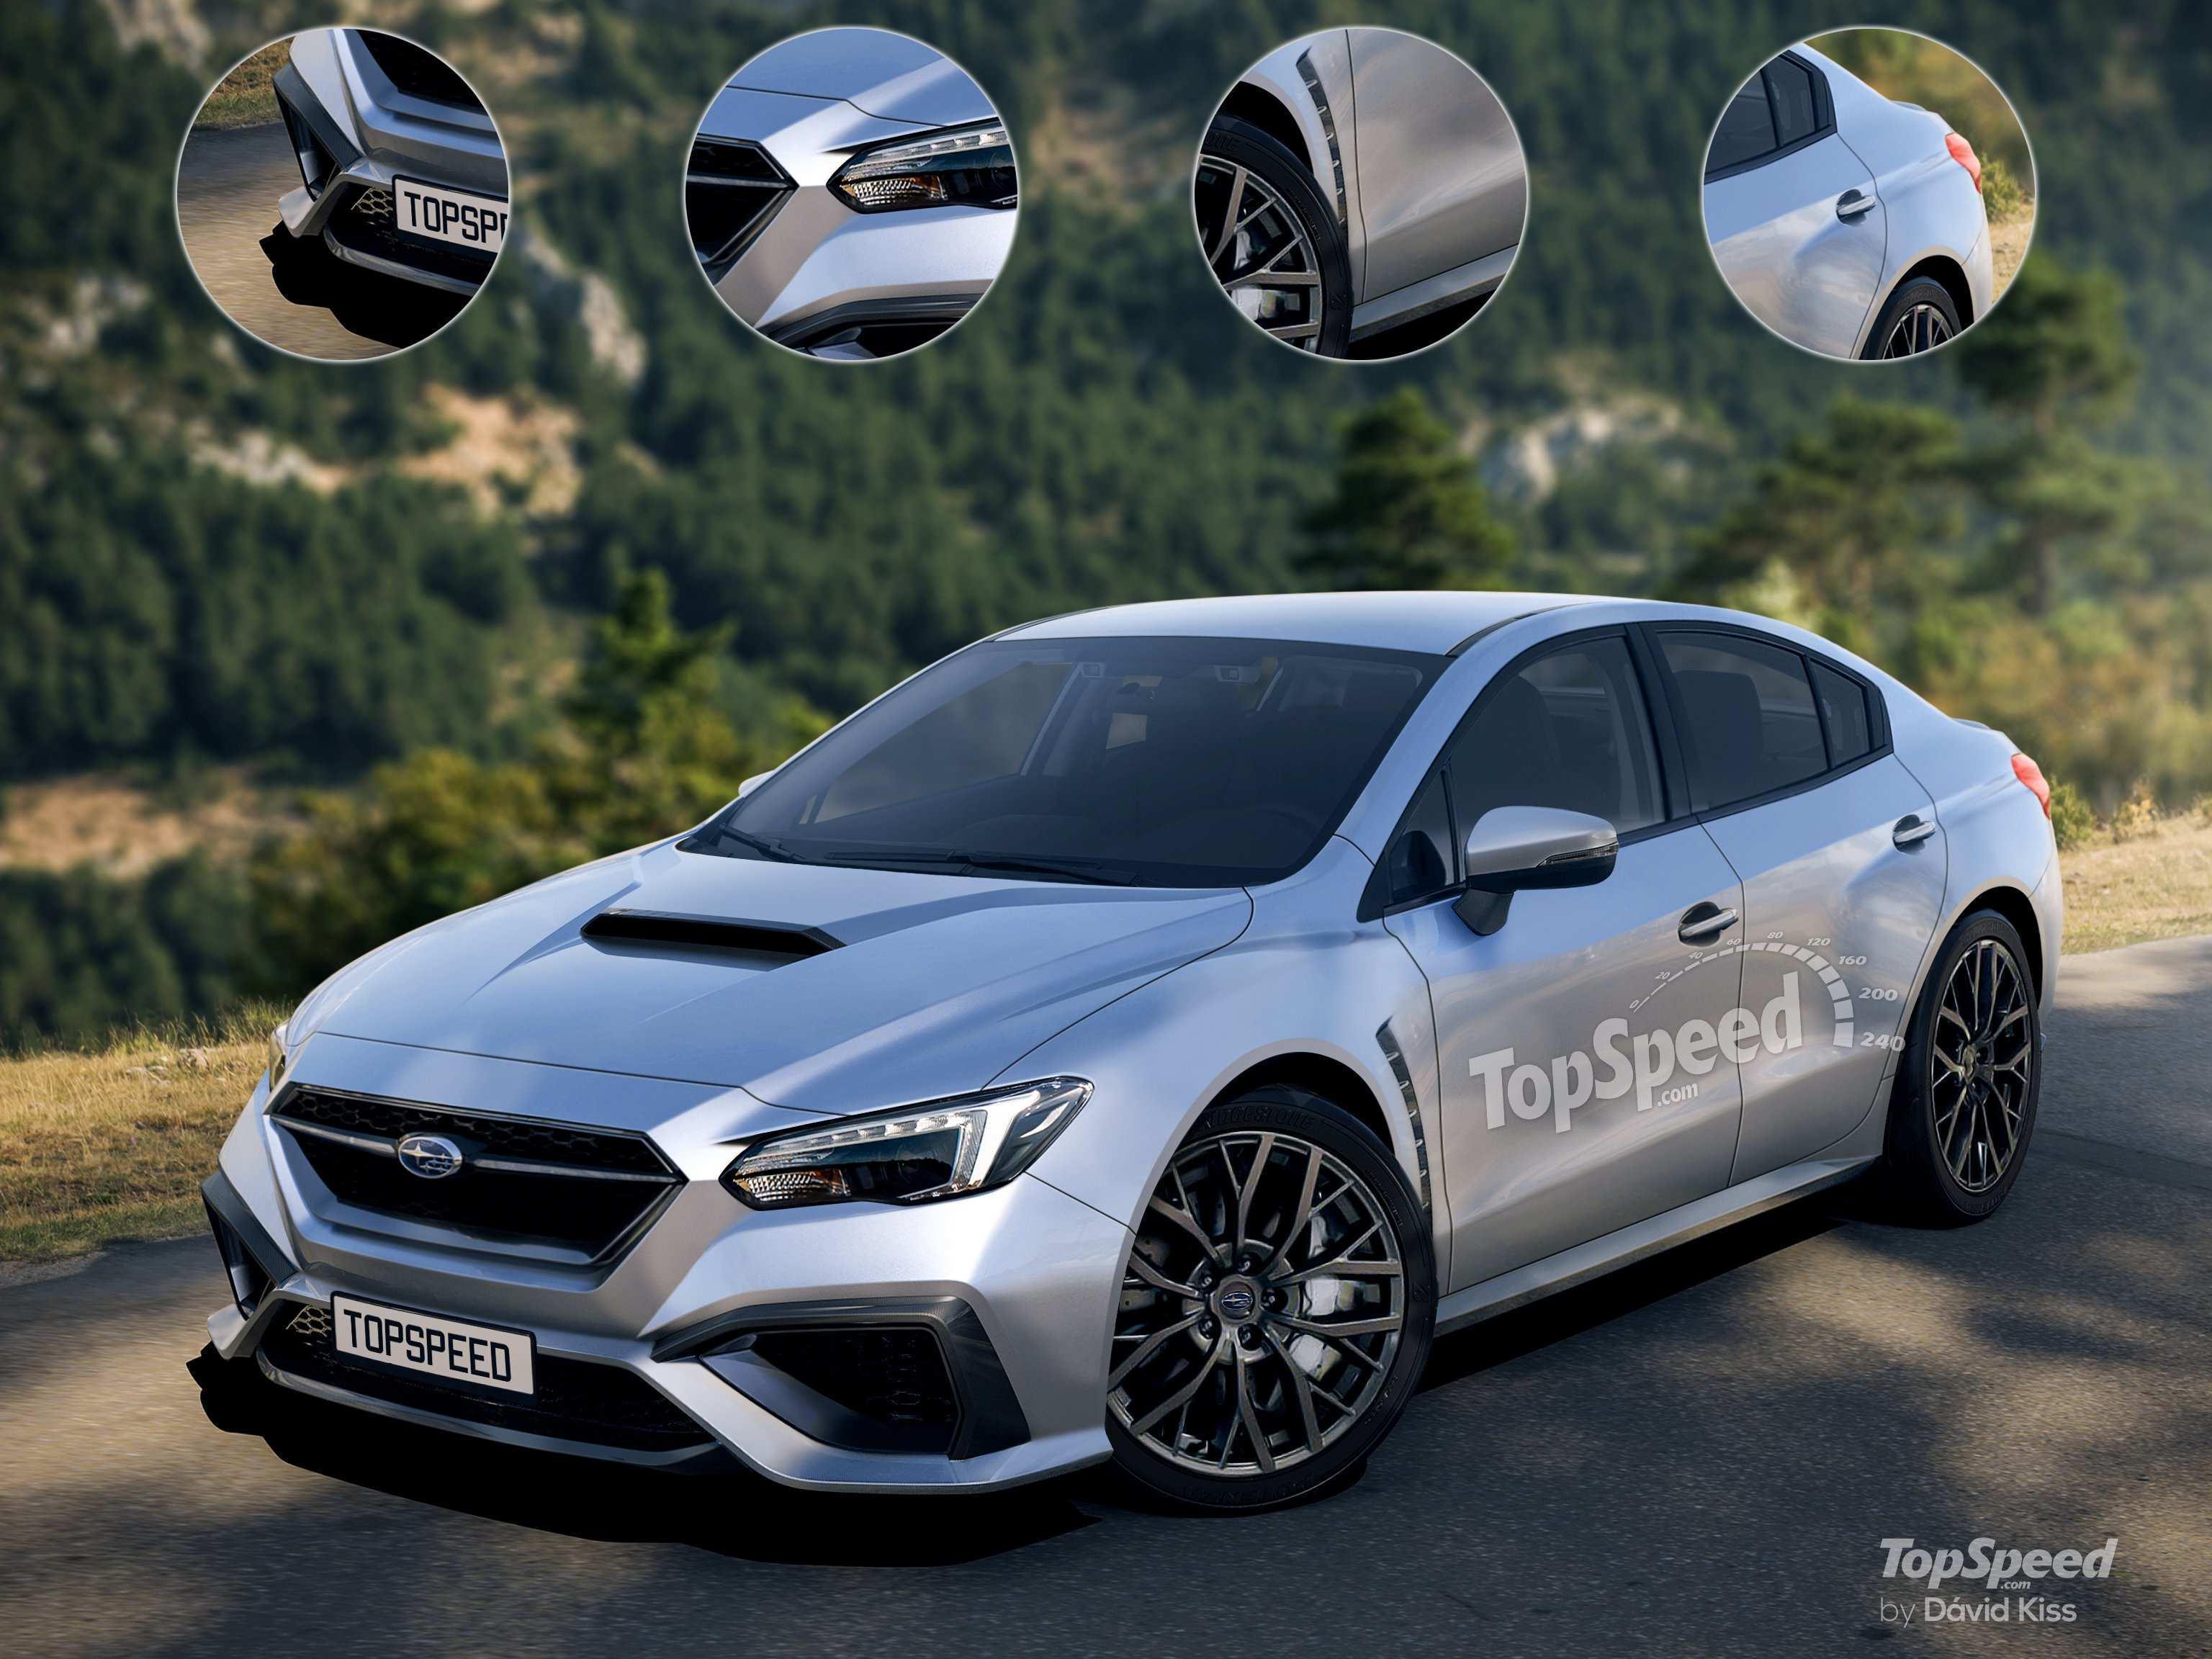 18 Gallery of Subaru News 2020 Model with Subaru News 2020